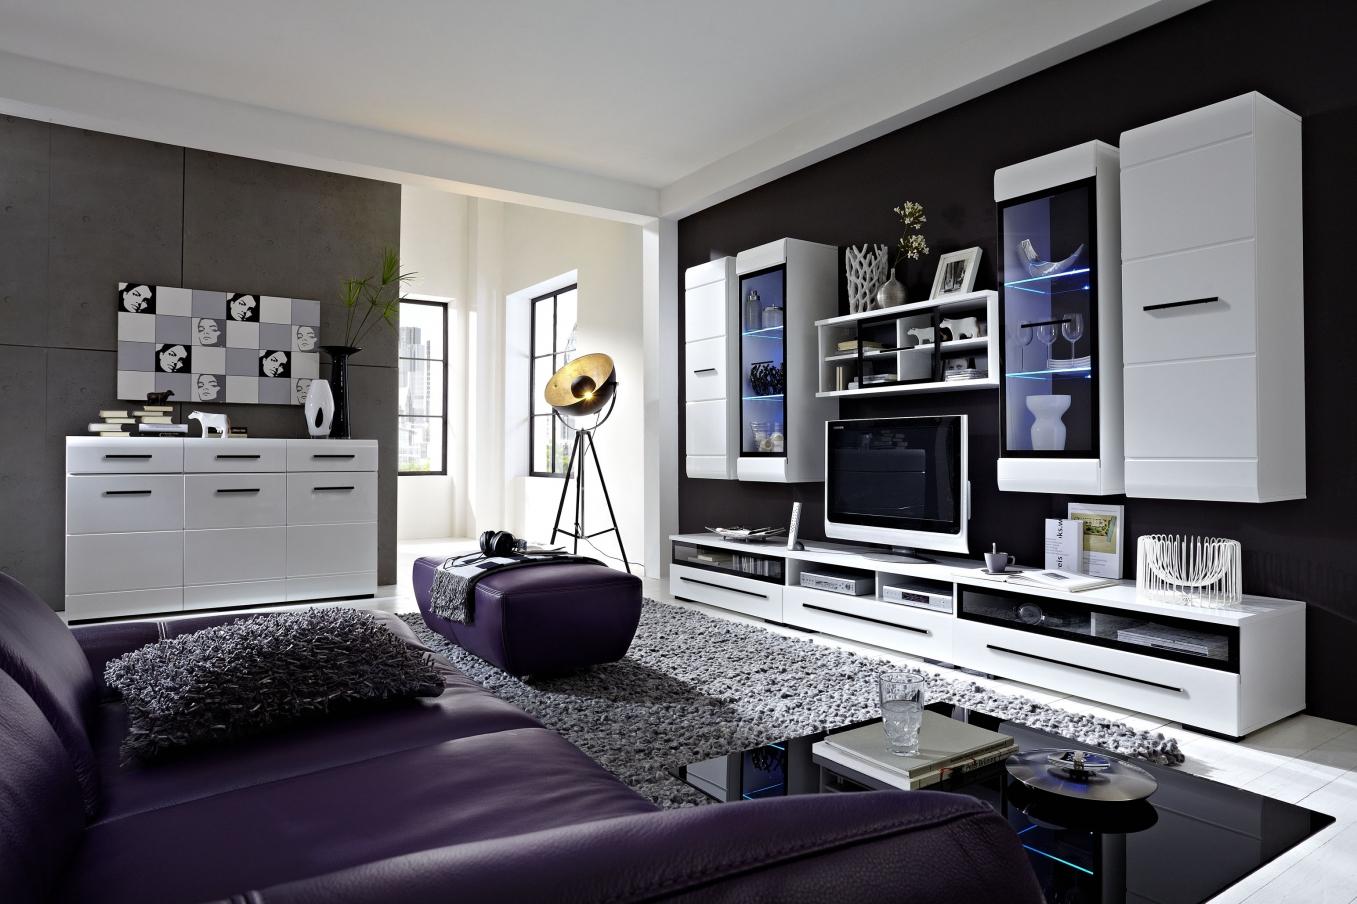 innostyle - im dienste schöner und moderner einrichtung, Wohnzimmer